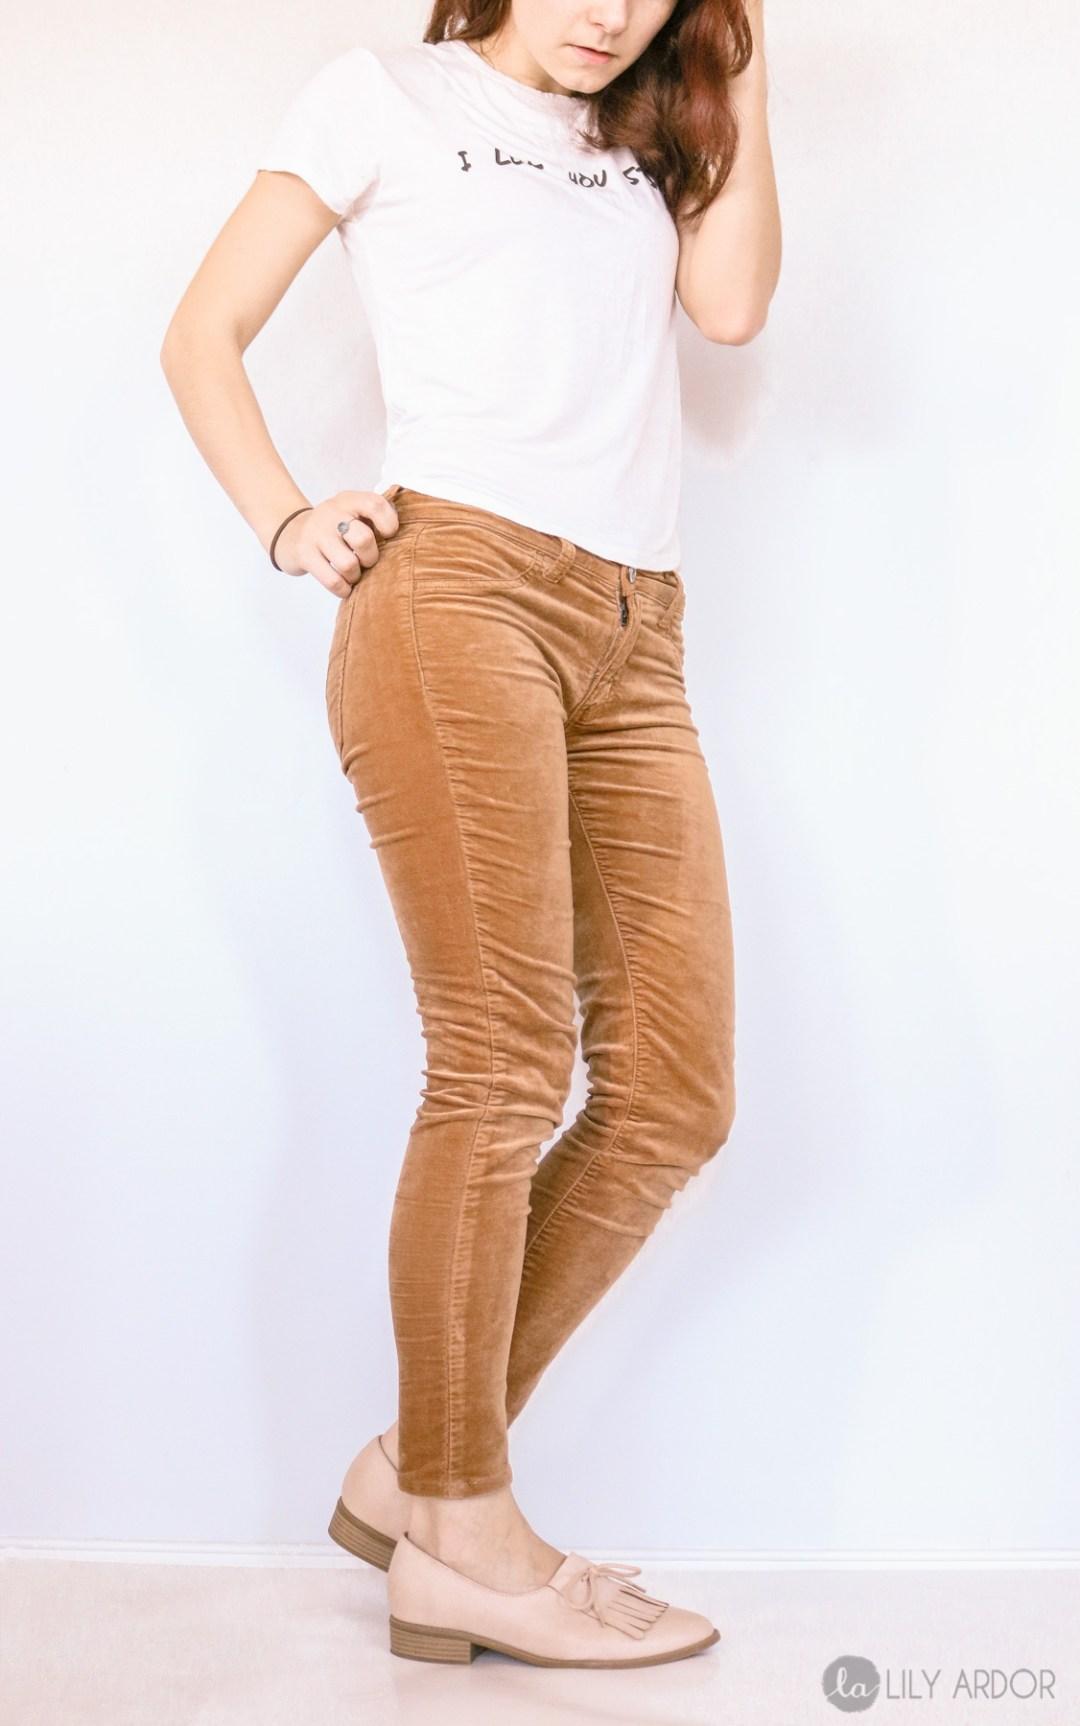 Hem pants